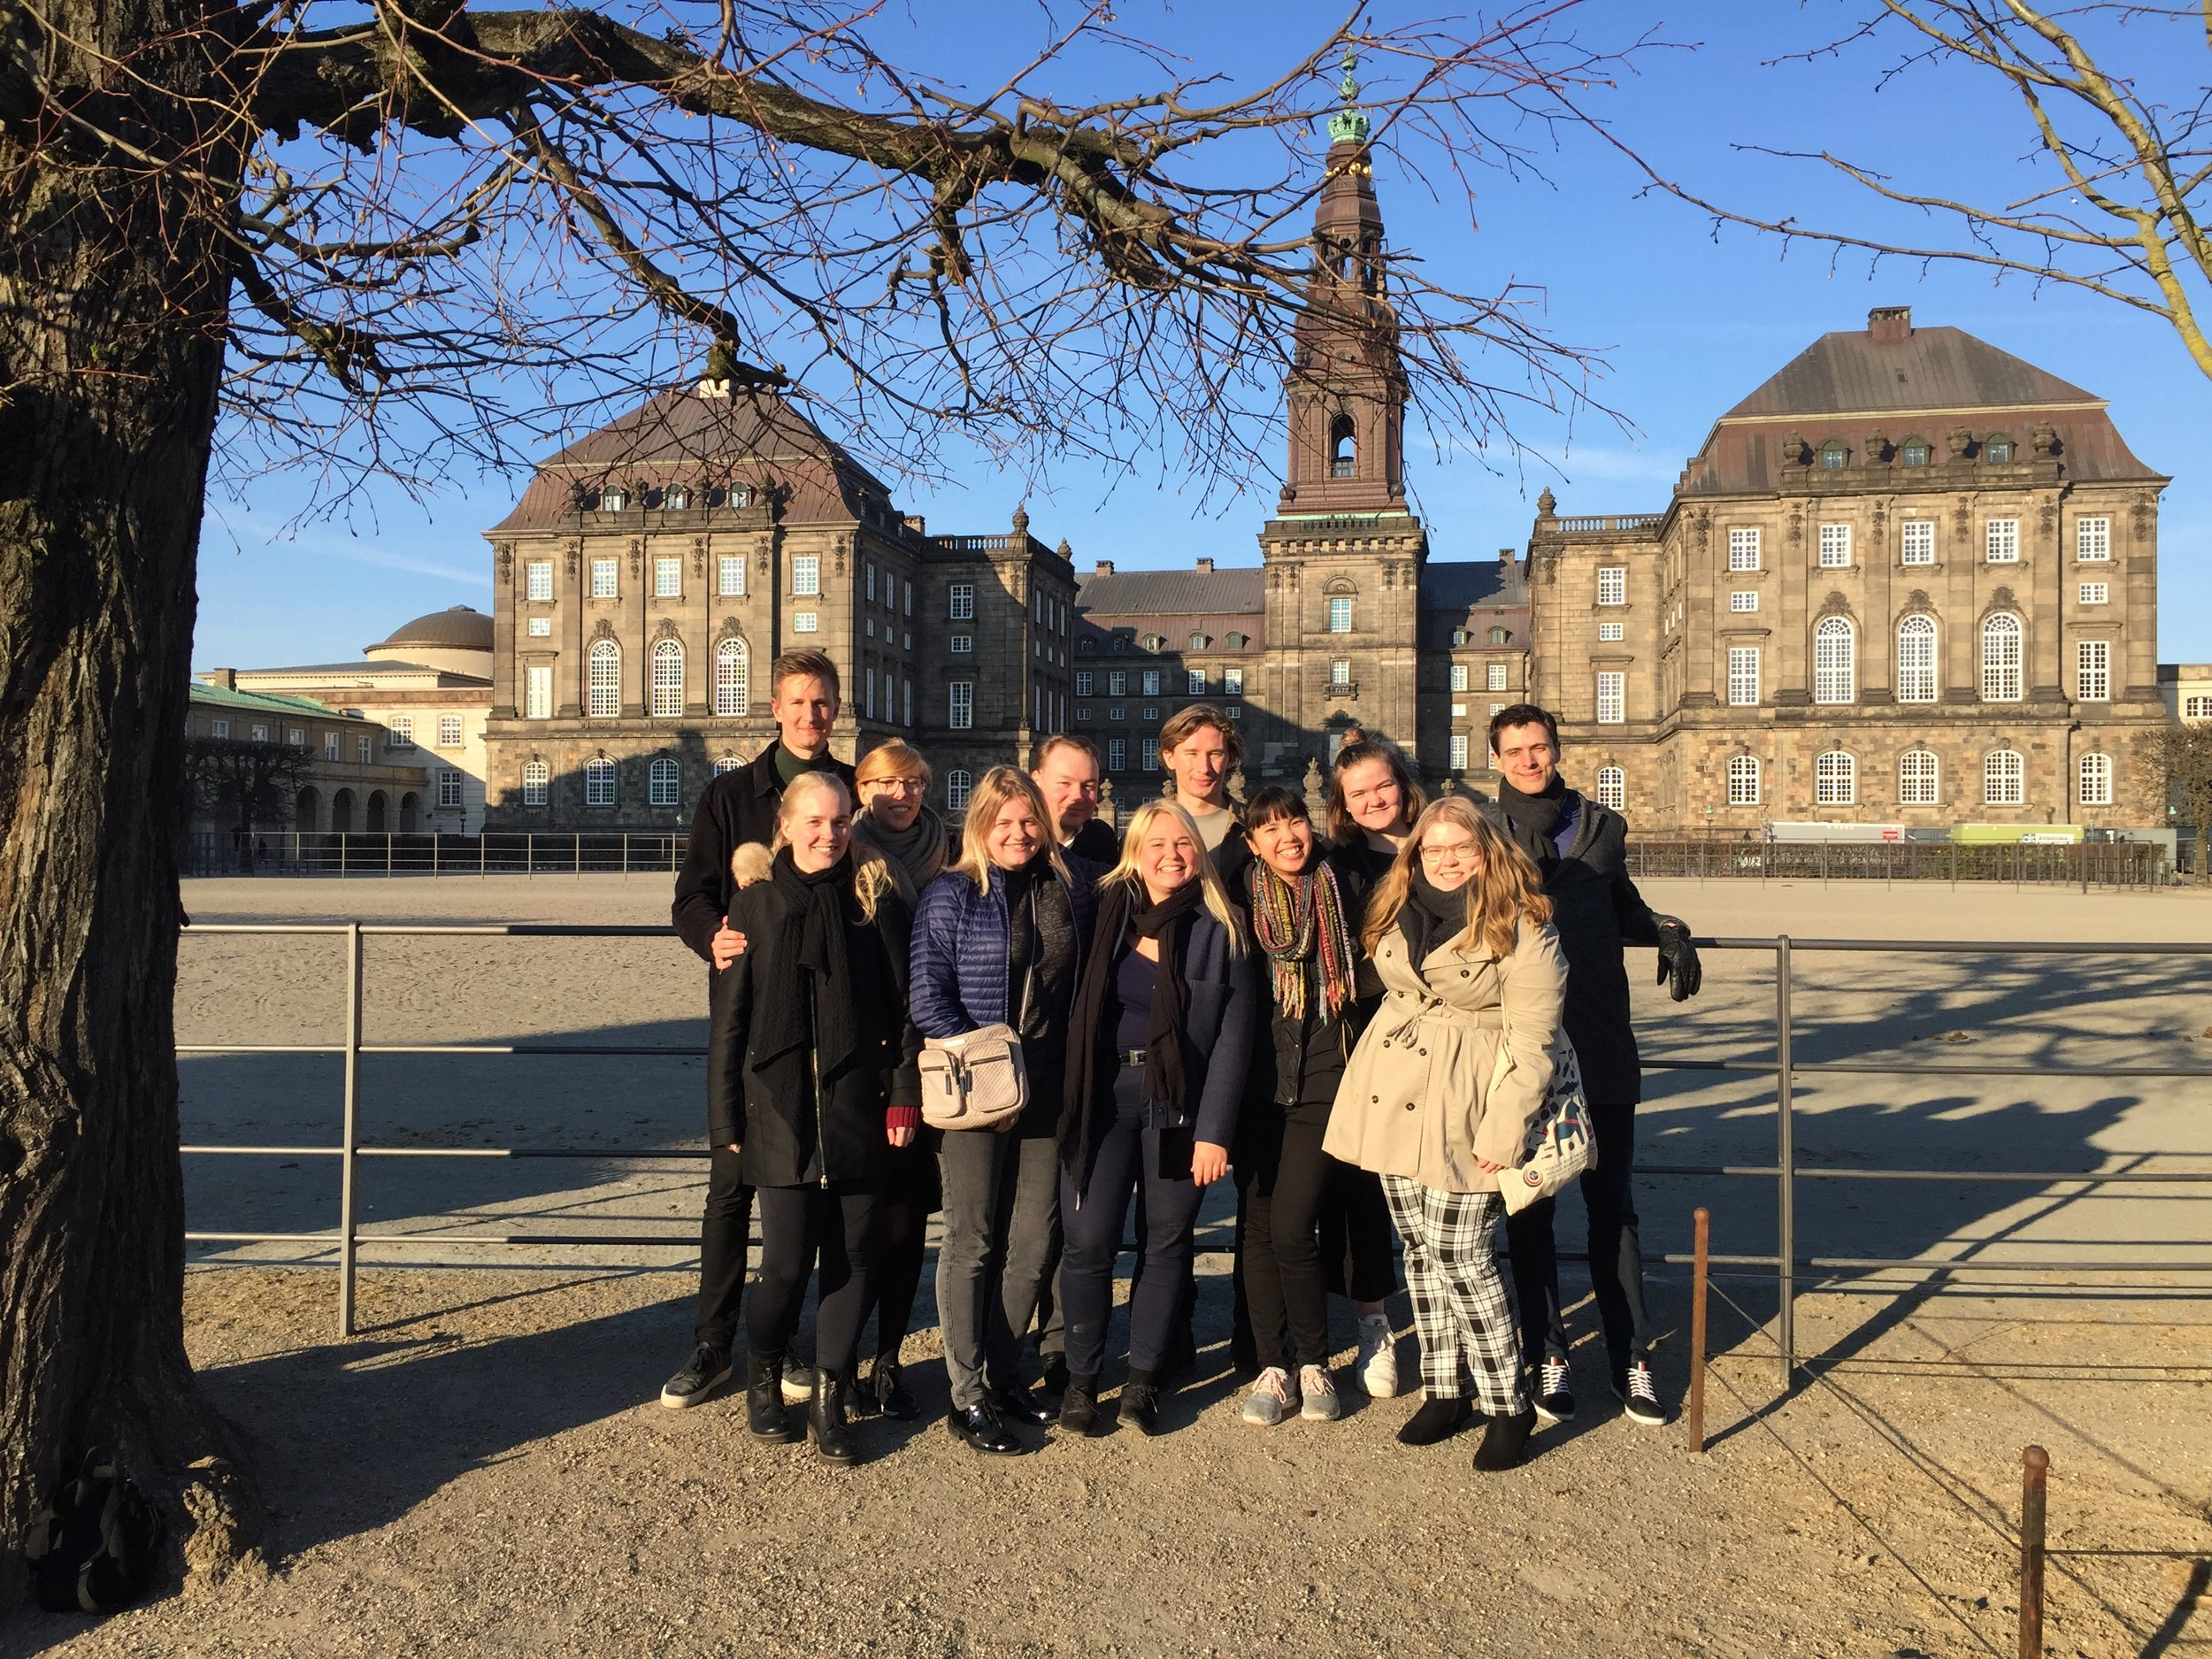 Vårmødets deltagere foran Christiansborg i det centrale København.